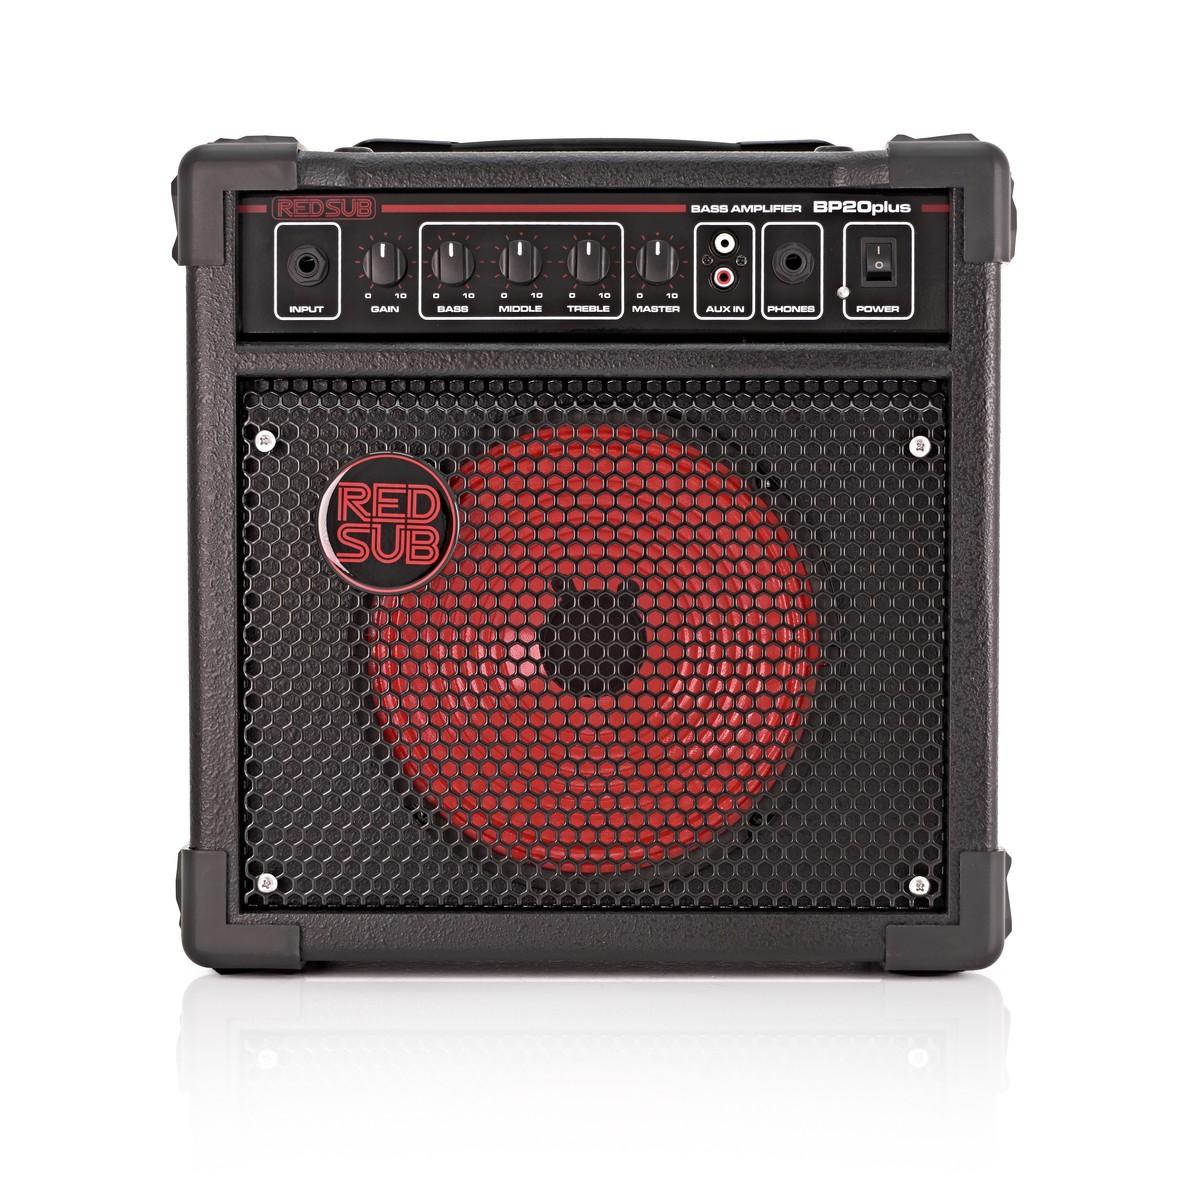 Bass Guitar W Amp : redsub bp20plus 20w bass guitar amplifier b stock at gear4music ~ Hamham.info Haus und Dekorationen